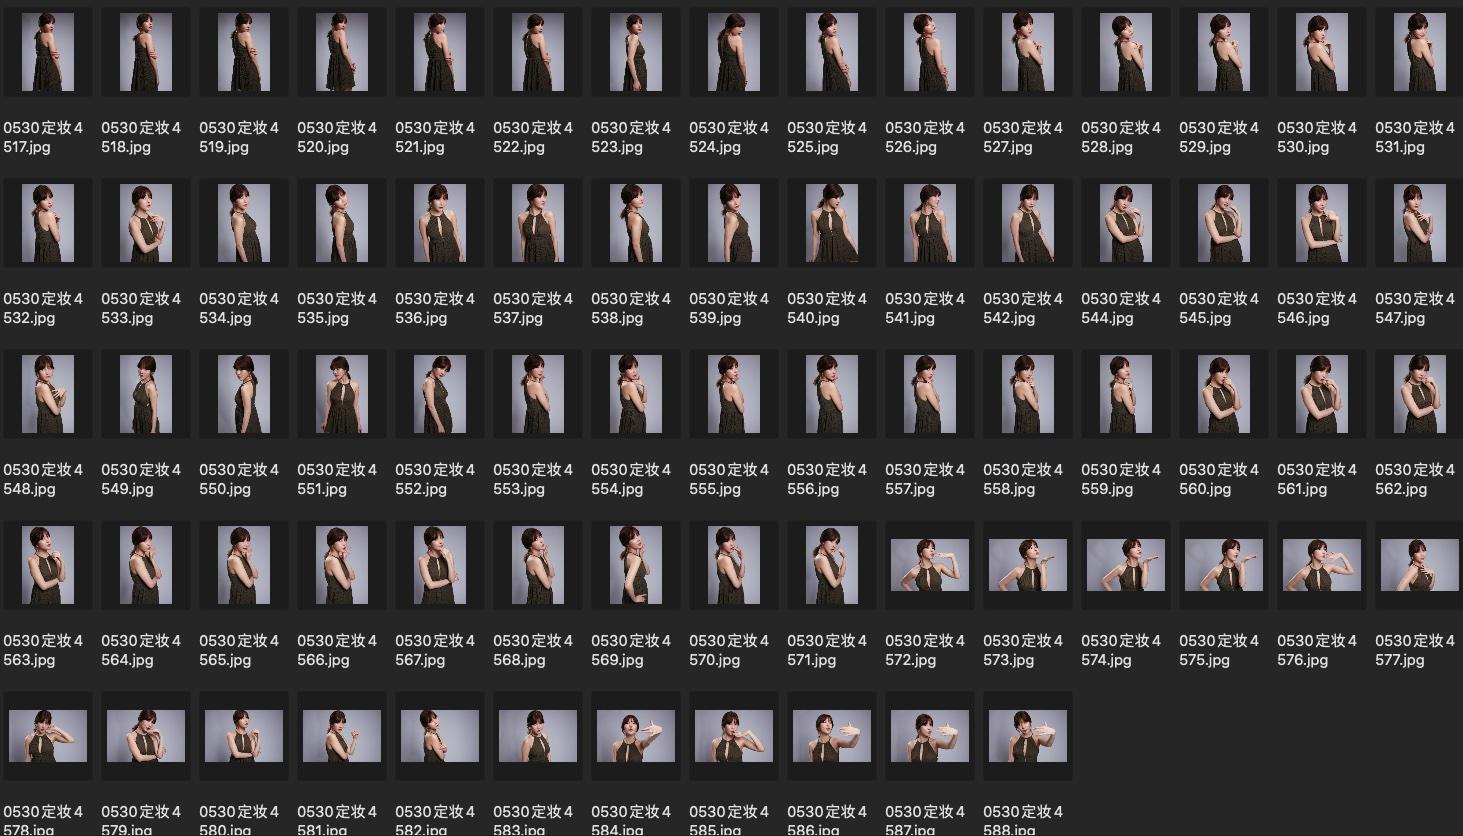 人像修图JPG素材 演员黄思思某电影定妆照生图第一组 收集整理 第3张